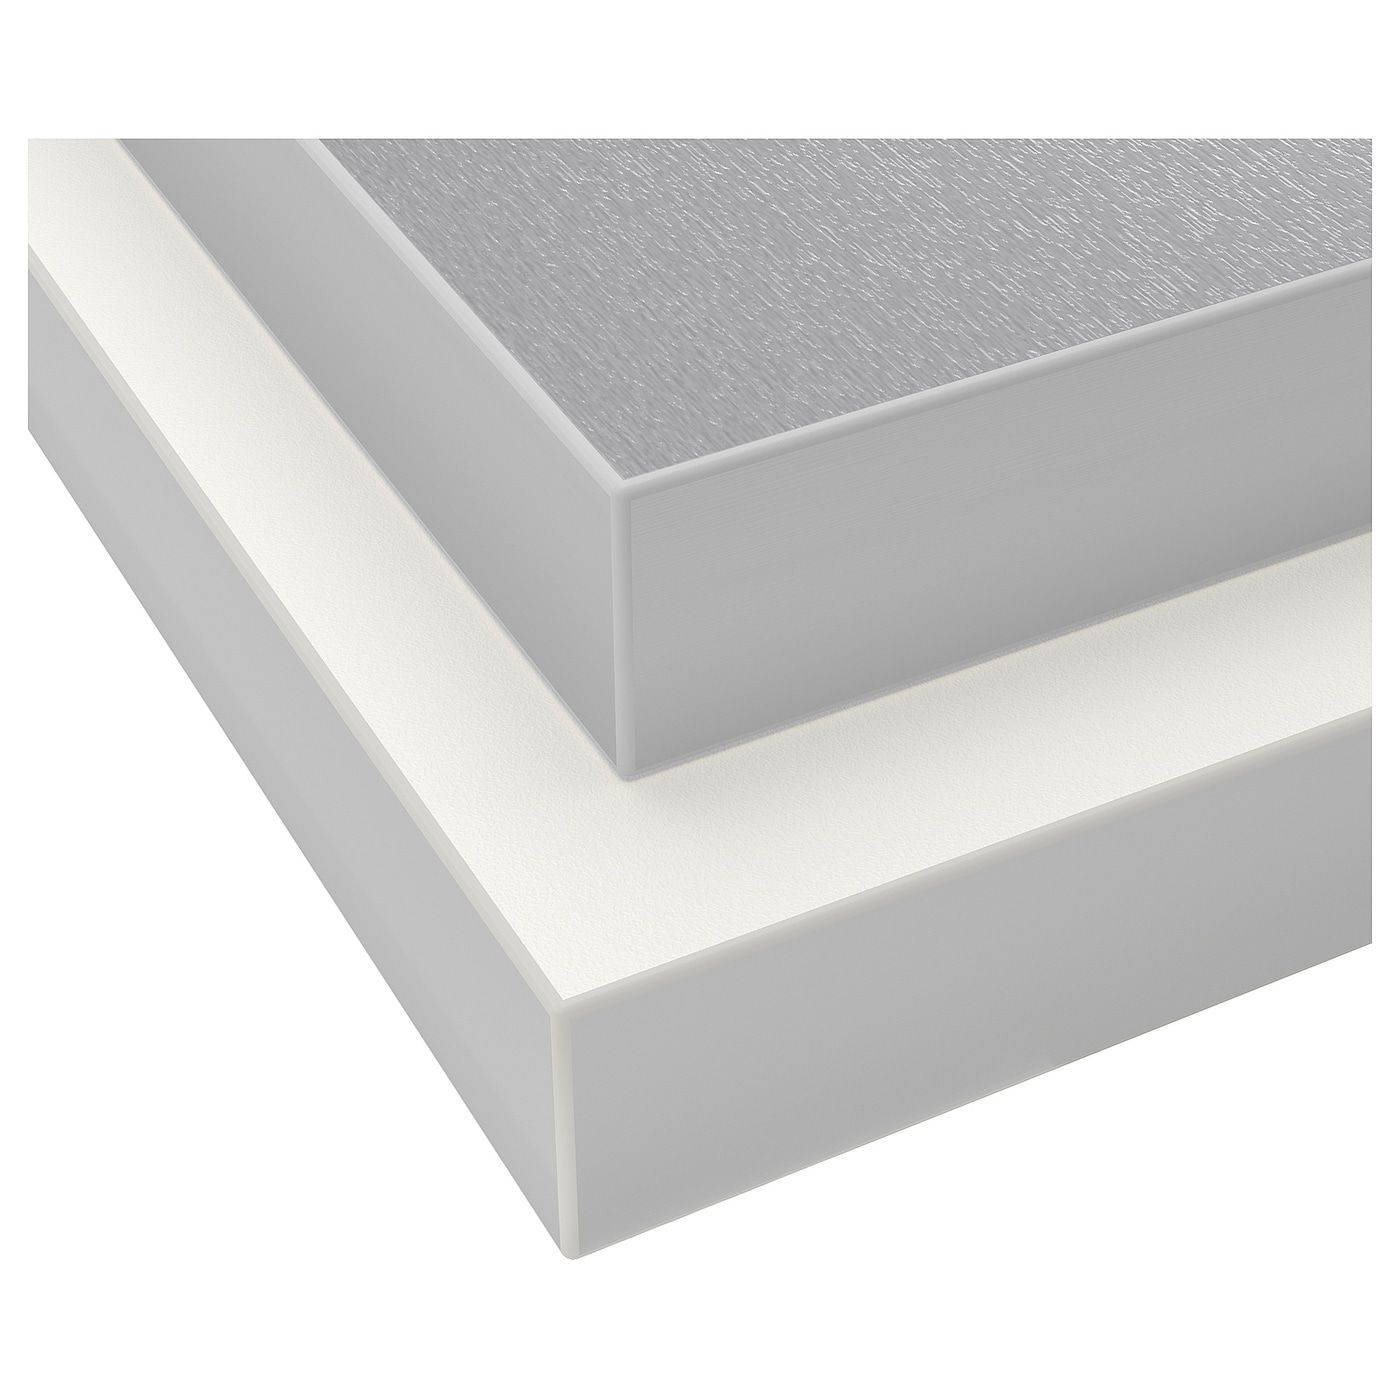 Hallestad Arbeitsplatte Doppels Weiss Aluminiumfarben Laminate Countertops Countertops Ikea